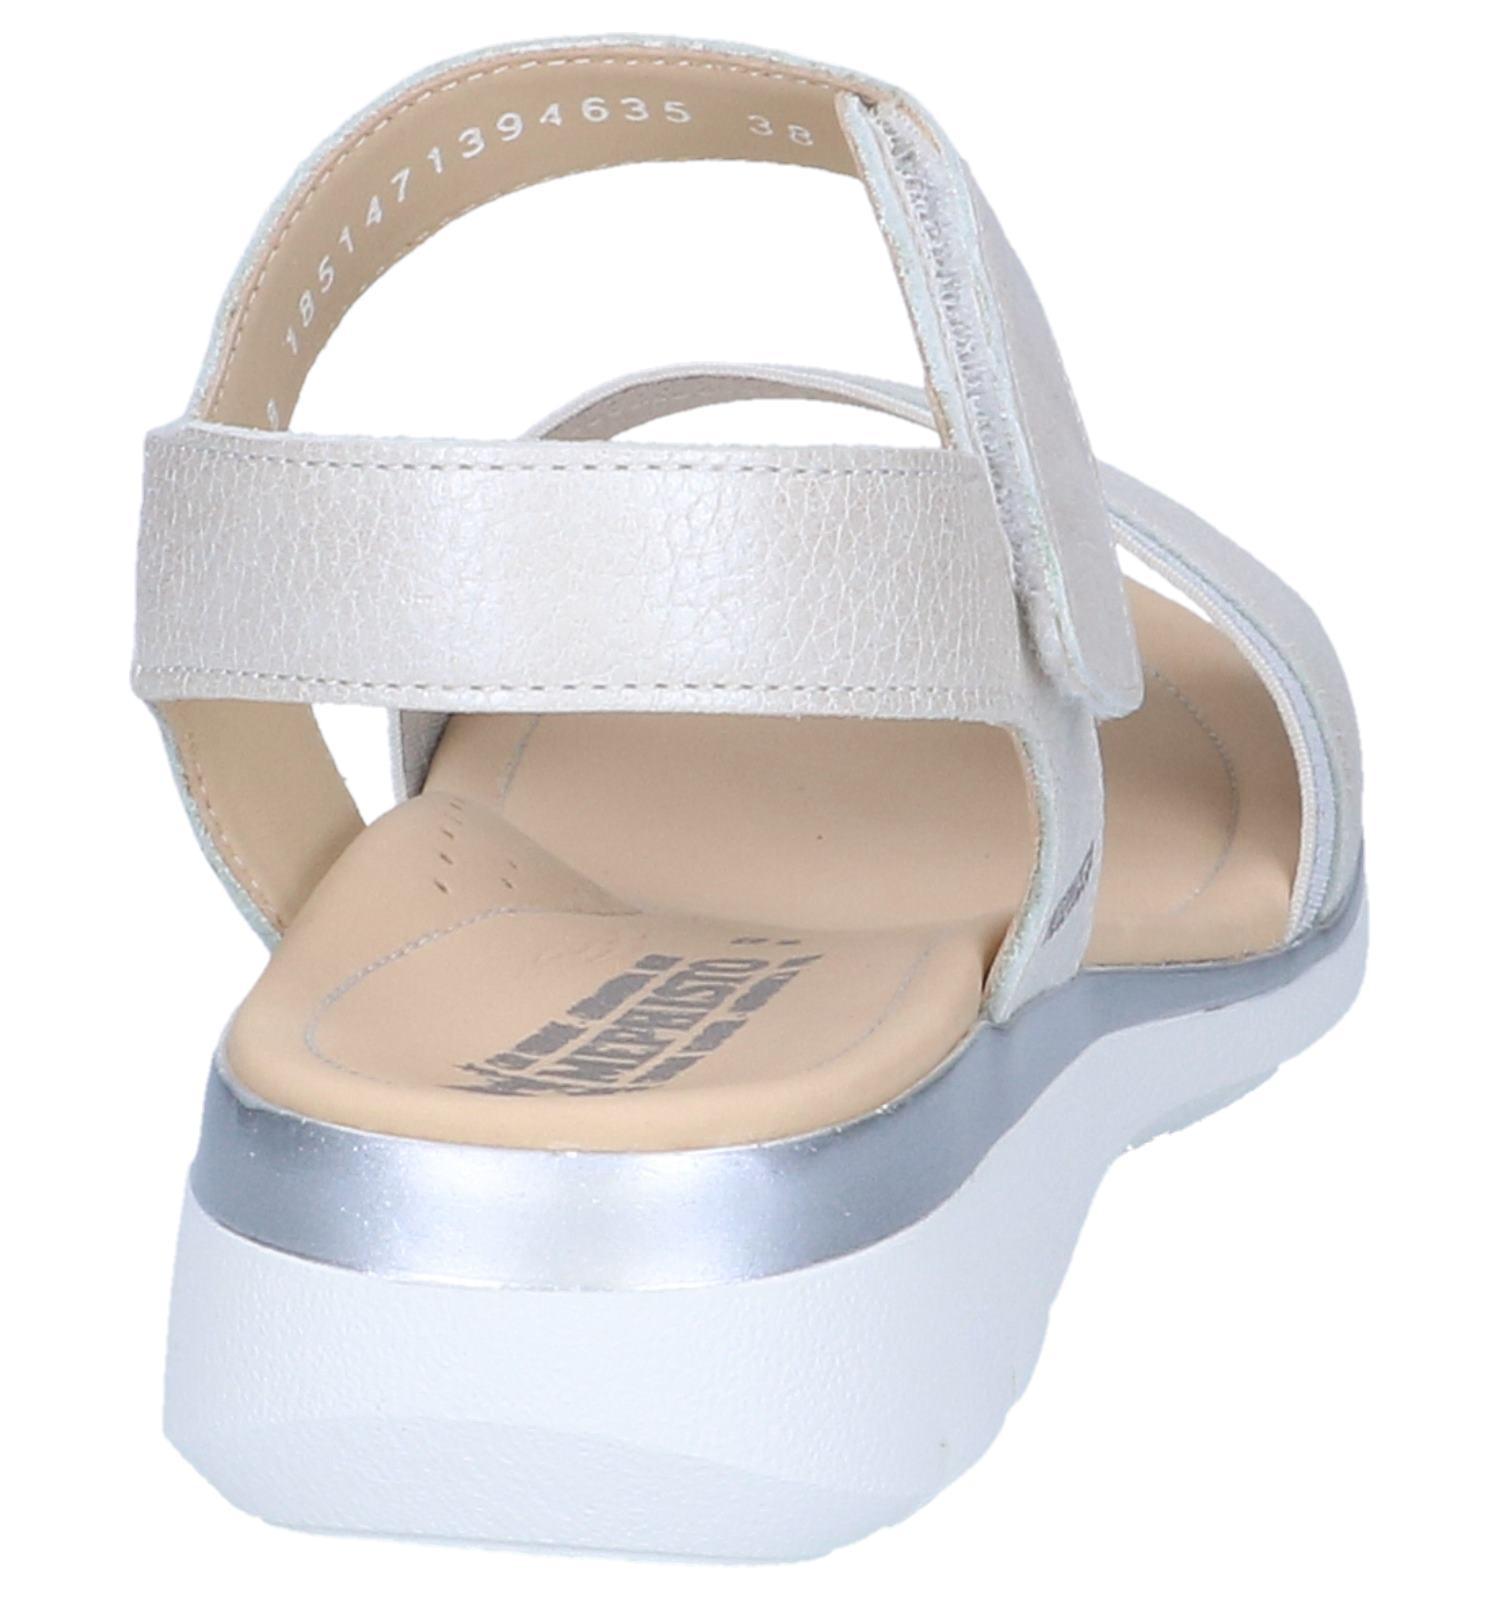 Konie Sandalen Mephisto Sandalen Gouden Gouden DIWEHe9Y2